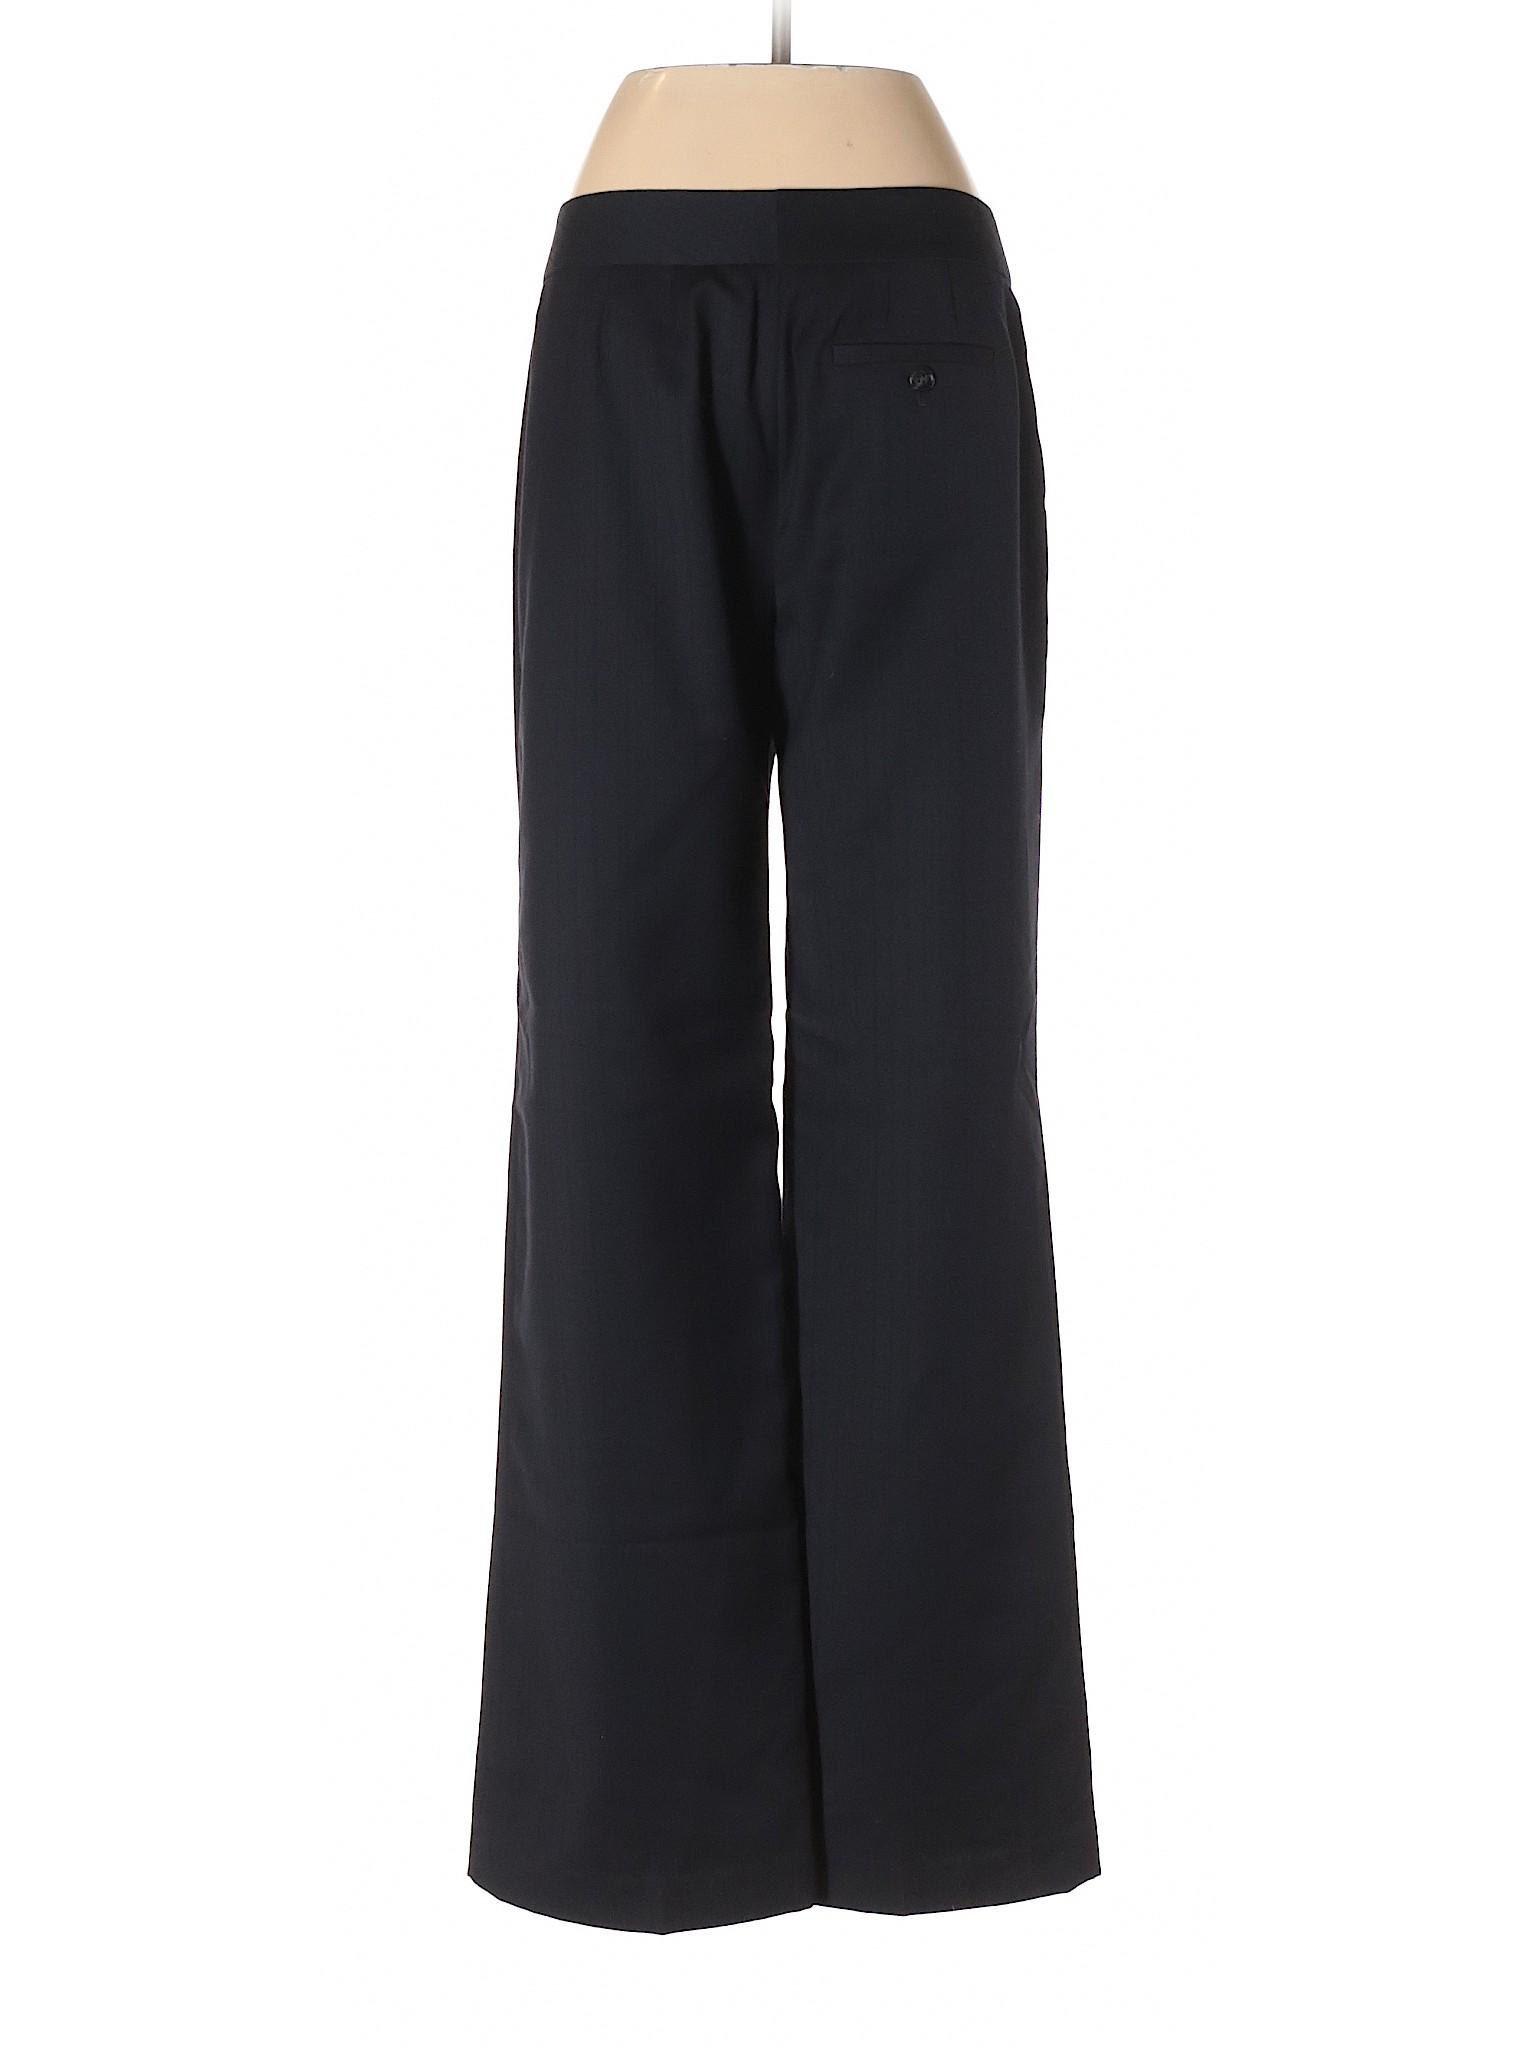 leisure Dress Pants Taylor Boutique Ann wR0HPx